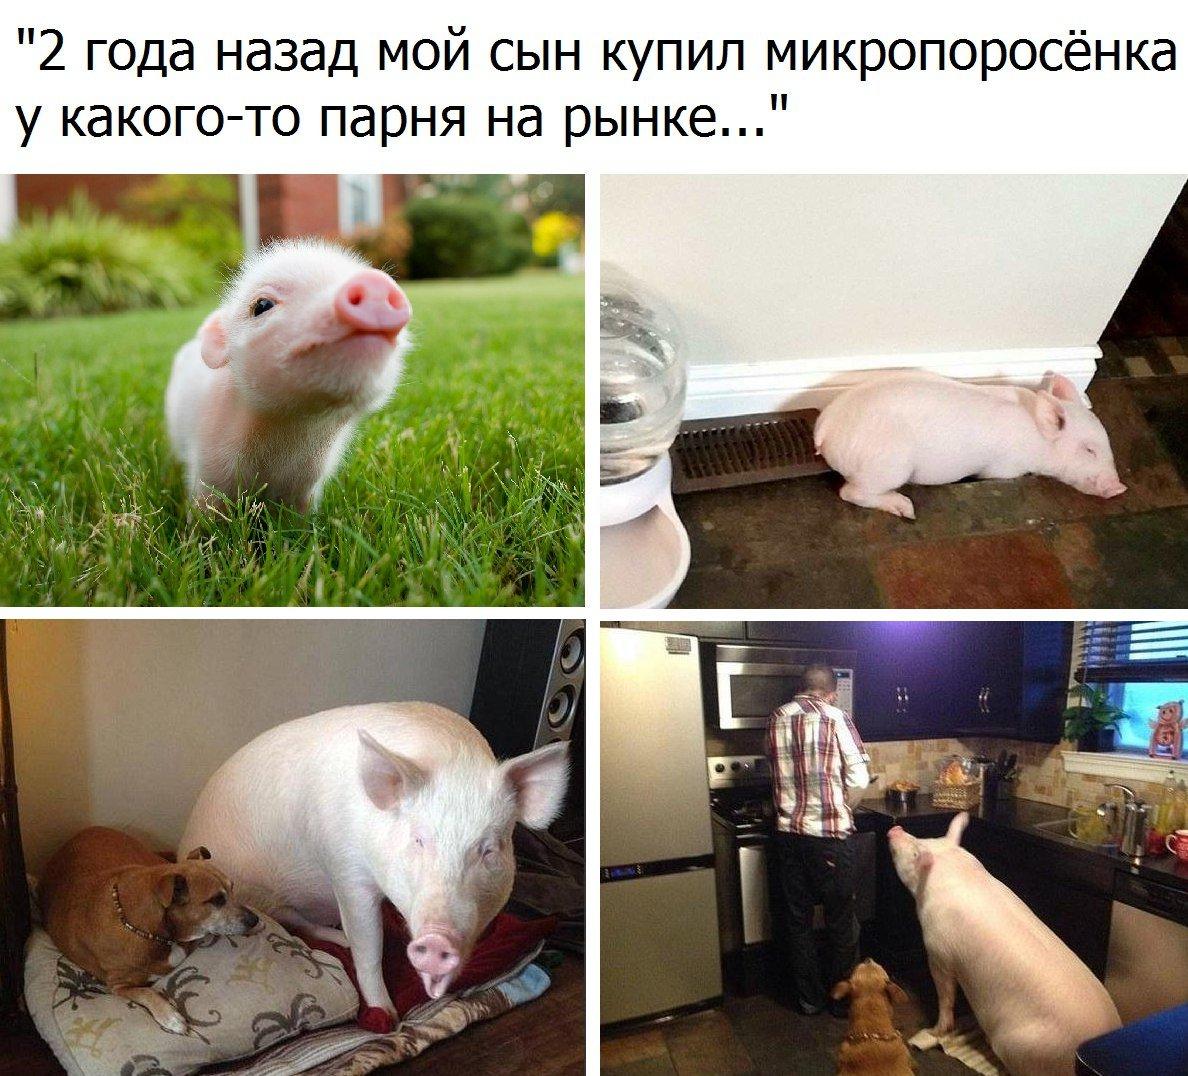 Приколы про свиней картинки с надписями, открытки пятницей днем